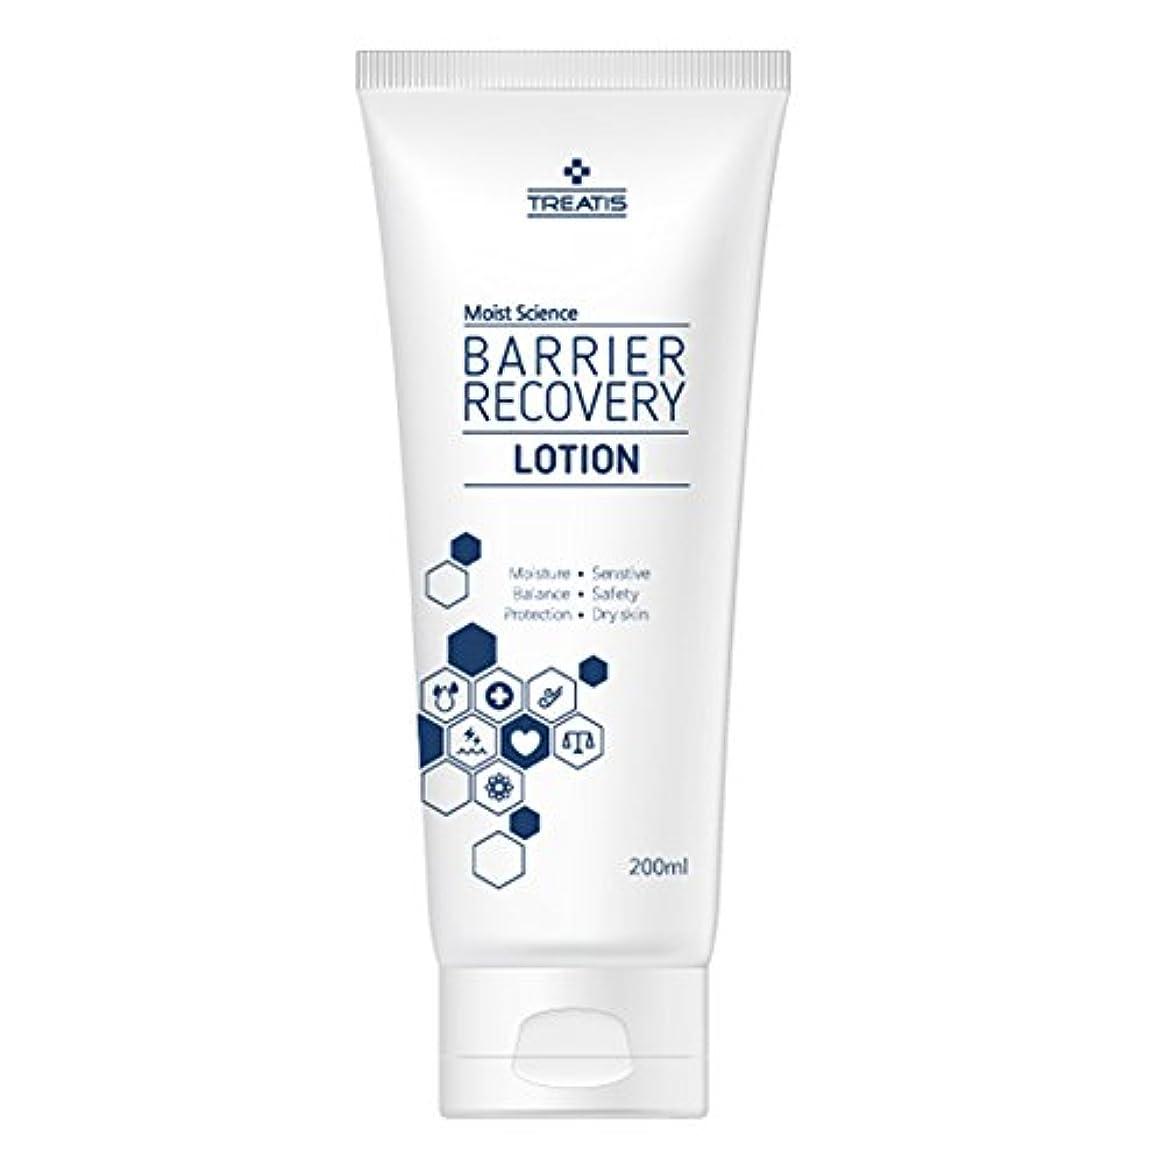 義務的駅グリースTreatis barrier recovery lotion 7oz (200ml)/Moisture, Senstive, Balance, Safty, Protection, Dry skin [並行輸入品]